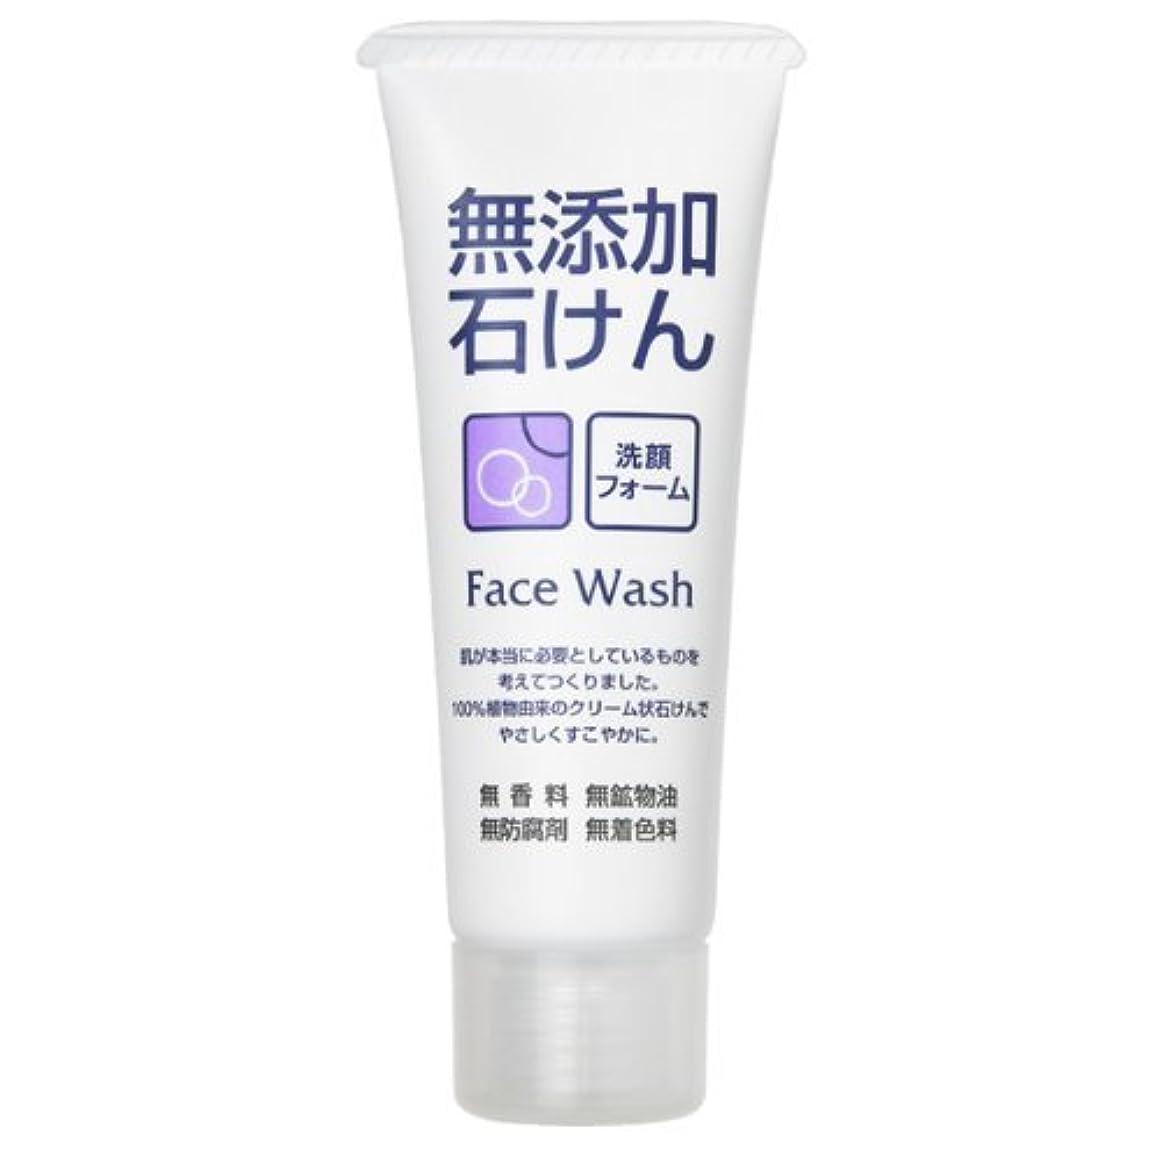 ごちそうパワーセルアンドリューハリディロゼット 無添加石けん 洗顔フォーム 140G 香料・鉱物油・防腐剤・着色料は無添加 face wash フェイスウォッシュ×48点セット (4901696534045)